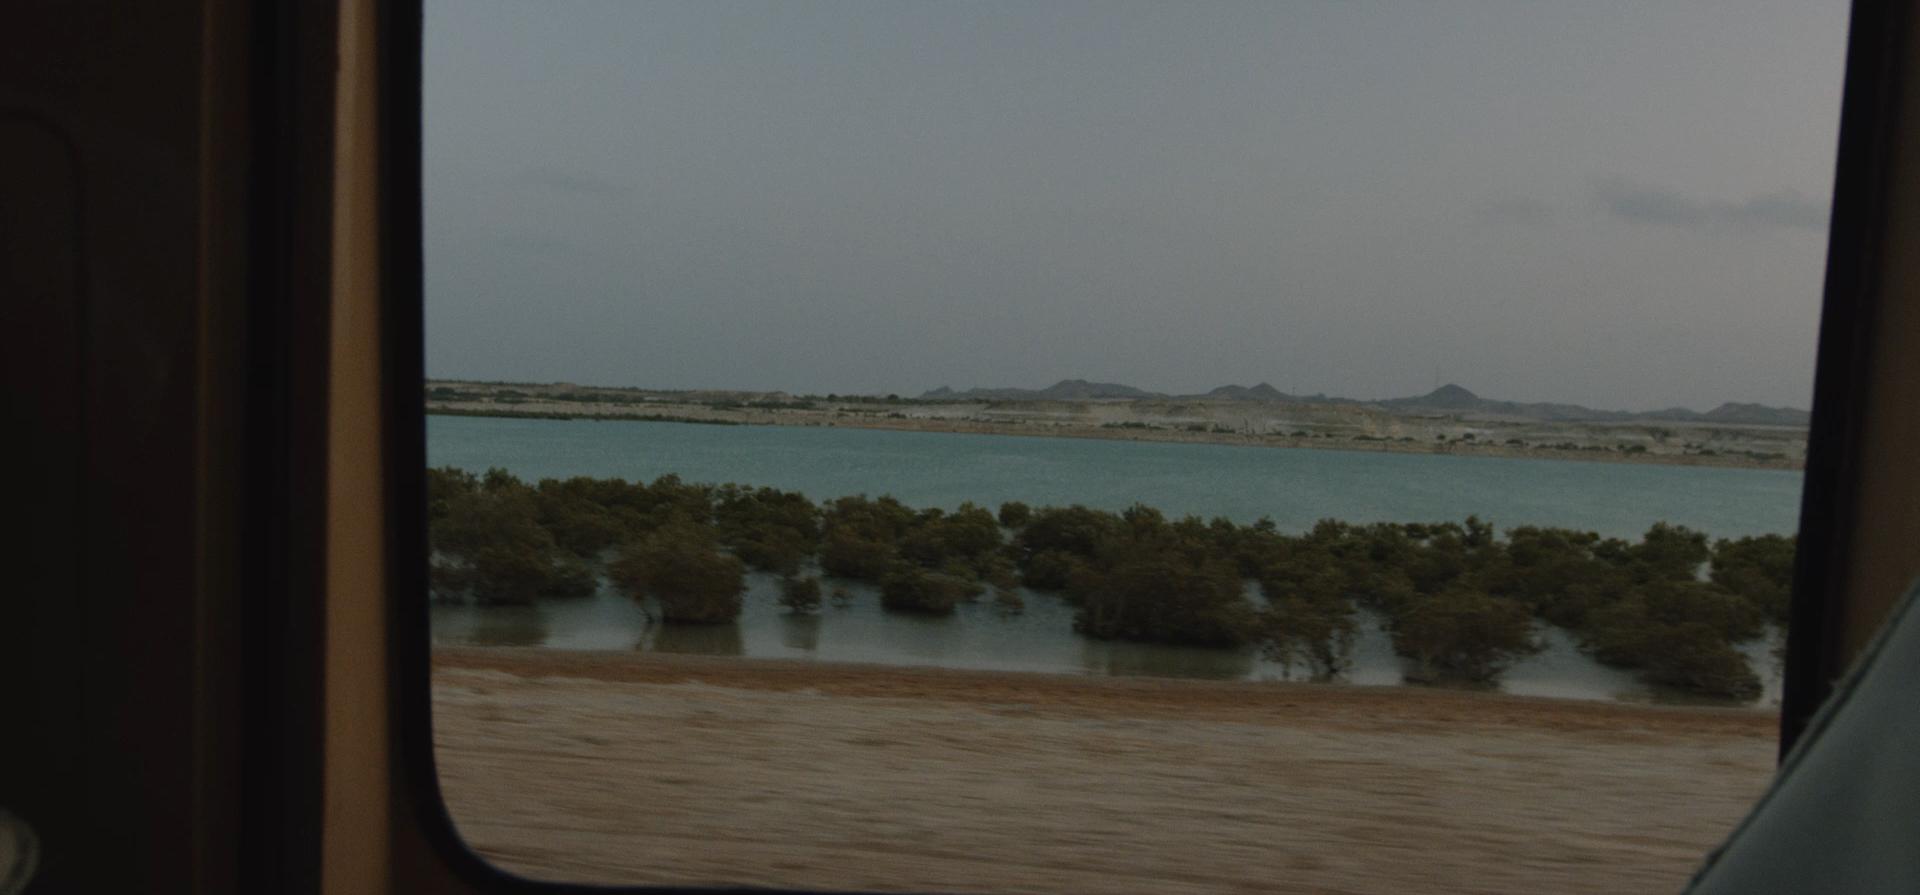 Abu Dhabi [1].00_00_42_20.Still007.png